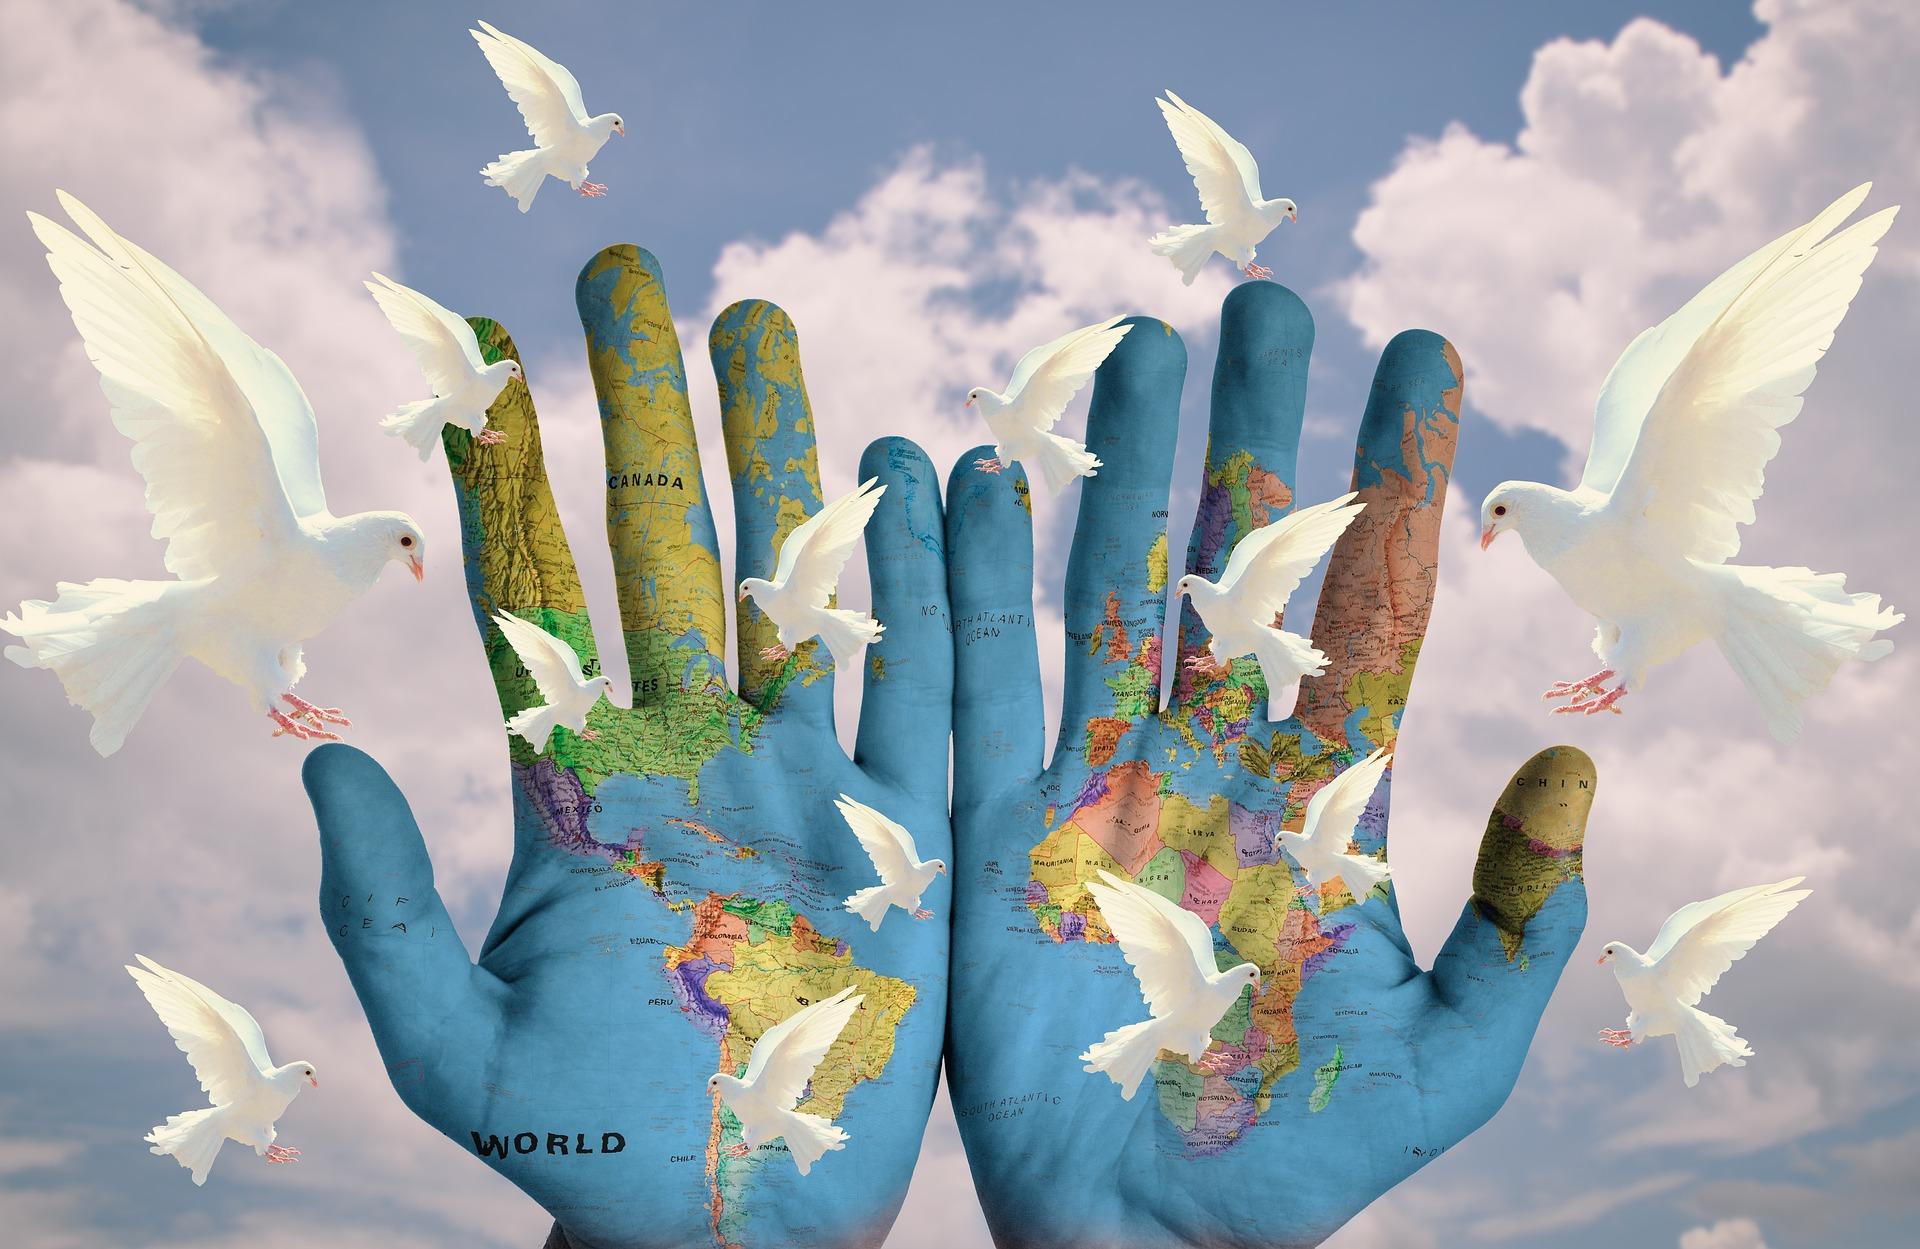 世界を変えるための17の目標|持続可能な開発目標 その2